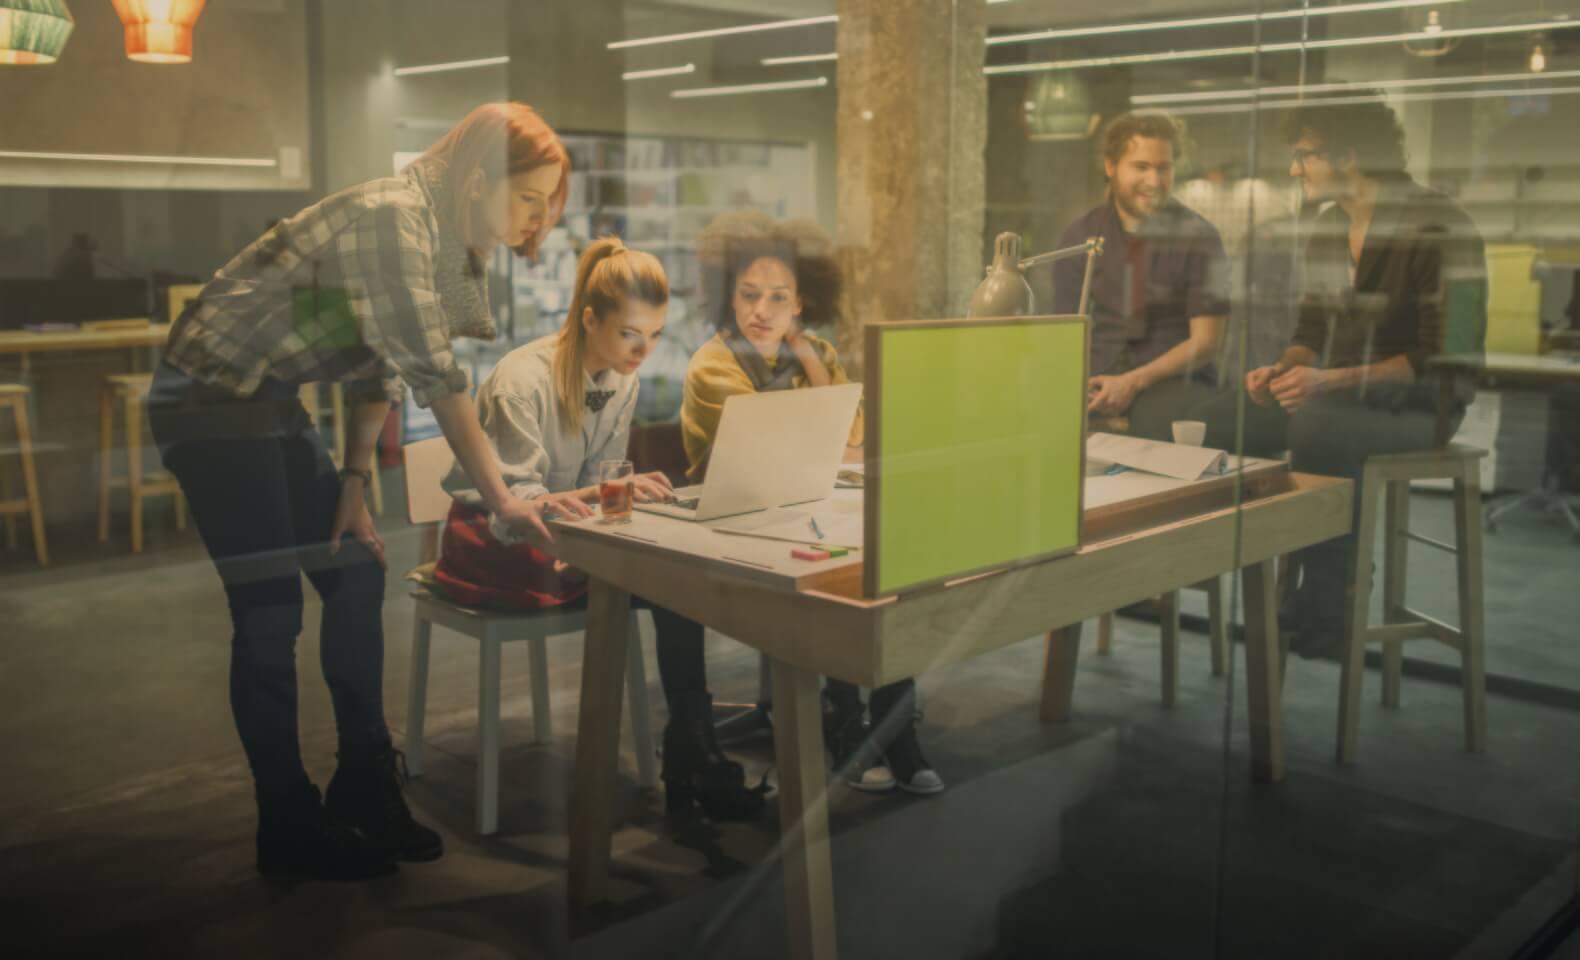 escola-marketing-digital-design-mobile-ux-ui-desenvolvimento